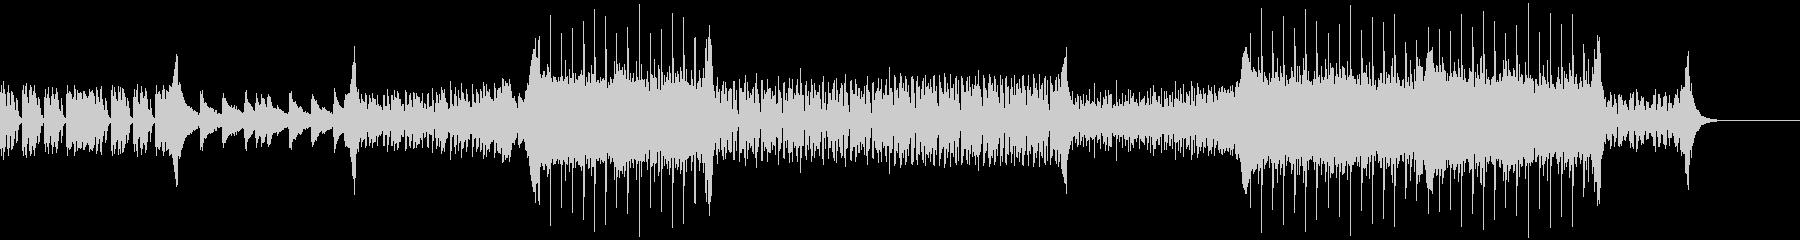 爽やかな曲調のEDMの未再生の波形